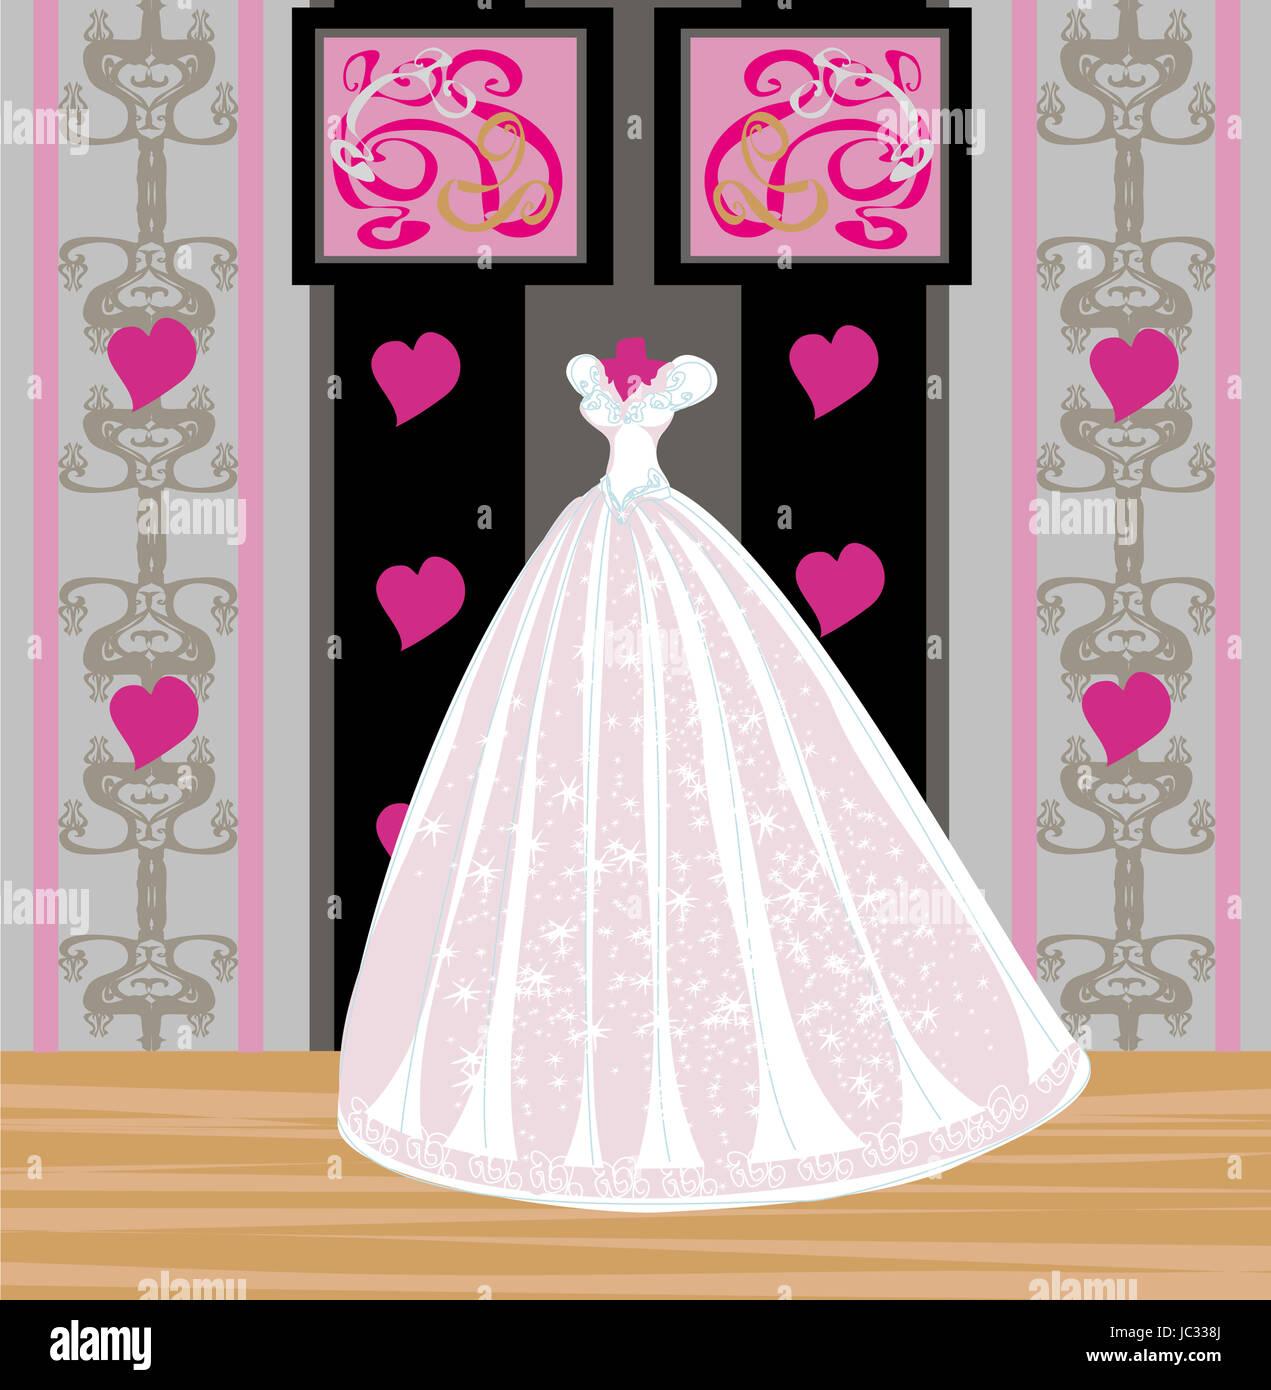 129878fde Vestido De Novia Tienda Vector Imágenes De Stock & Vestido De Novia ...